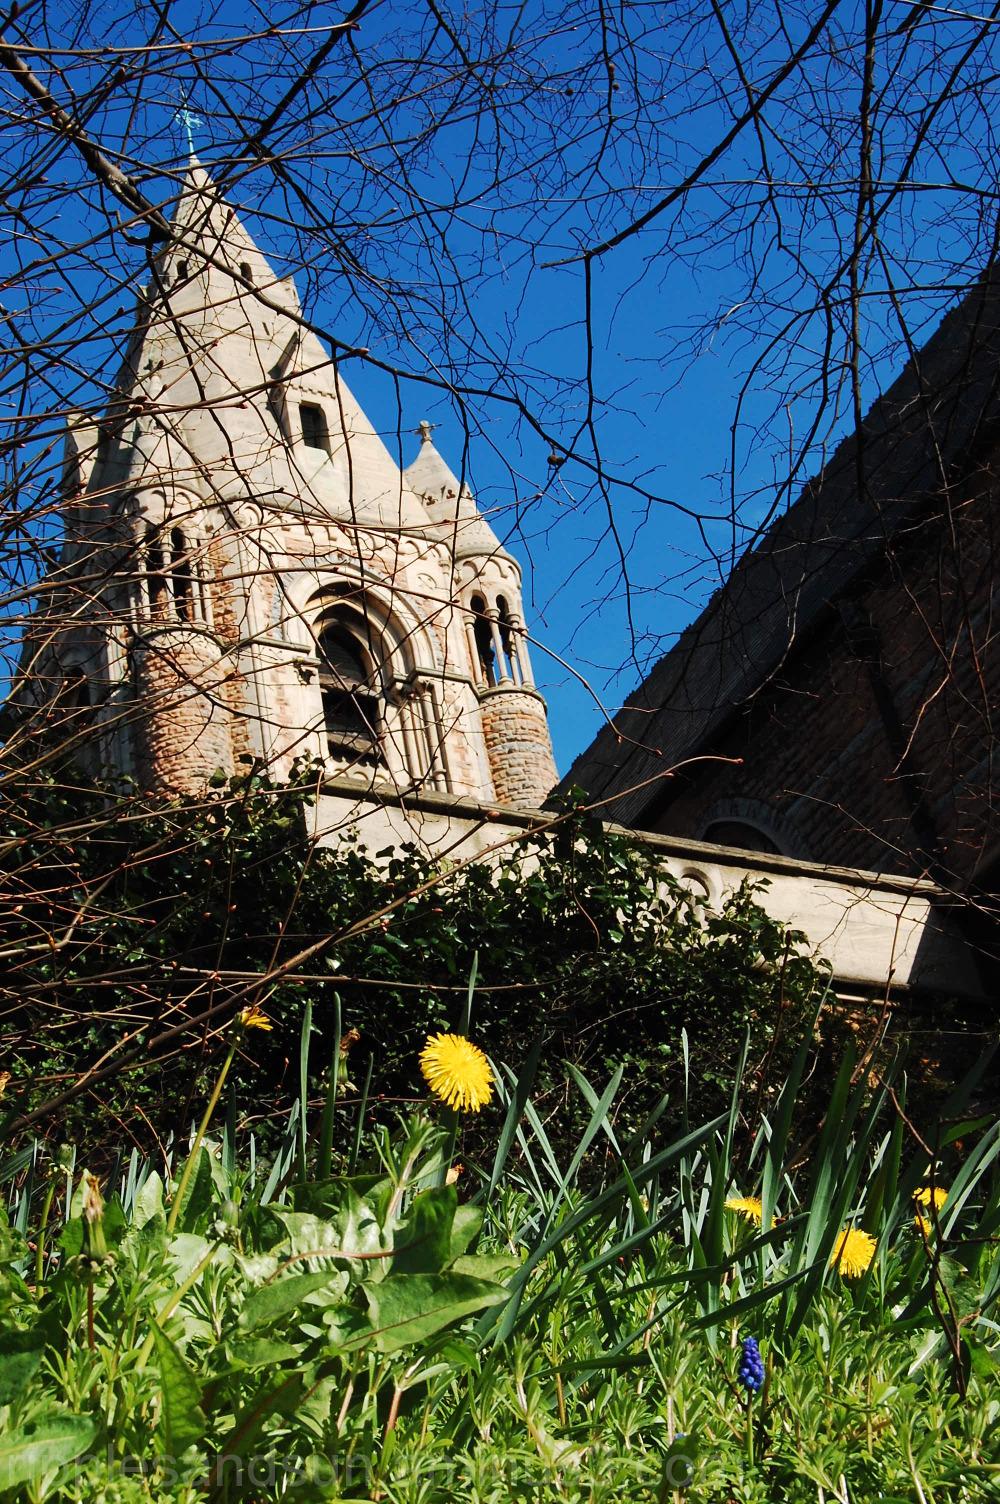 the wild garden of the church